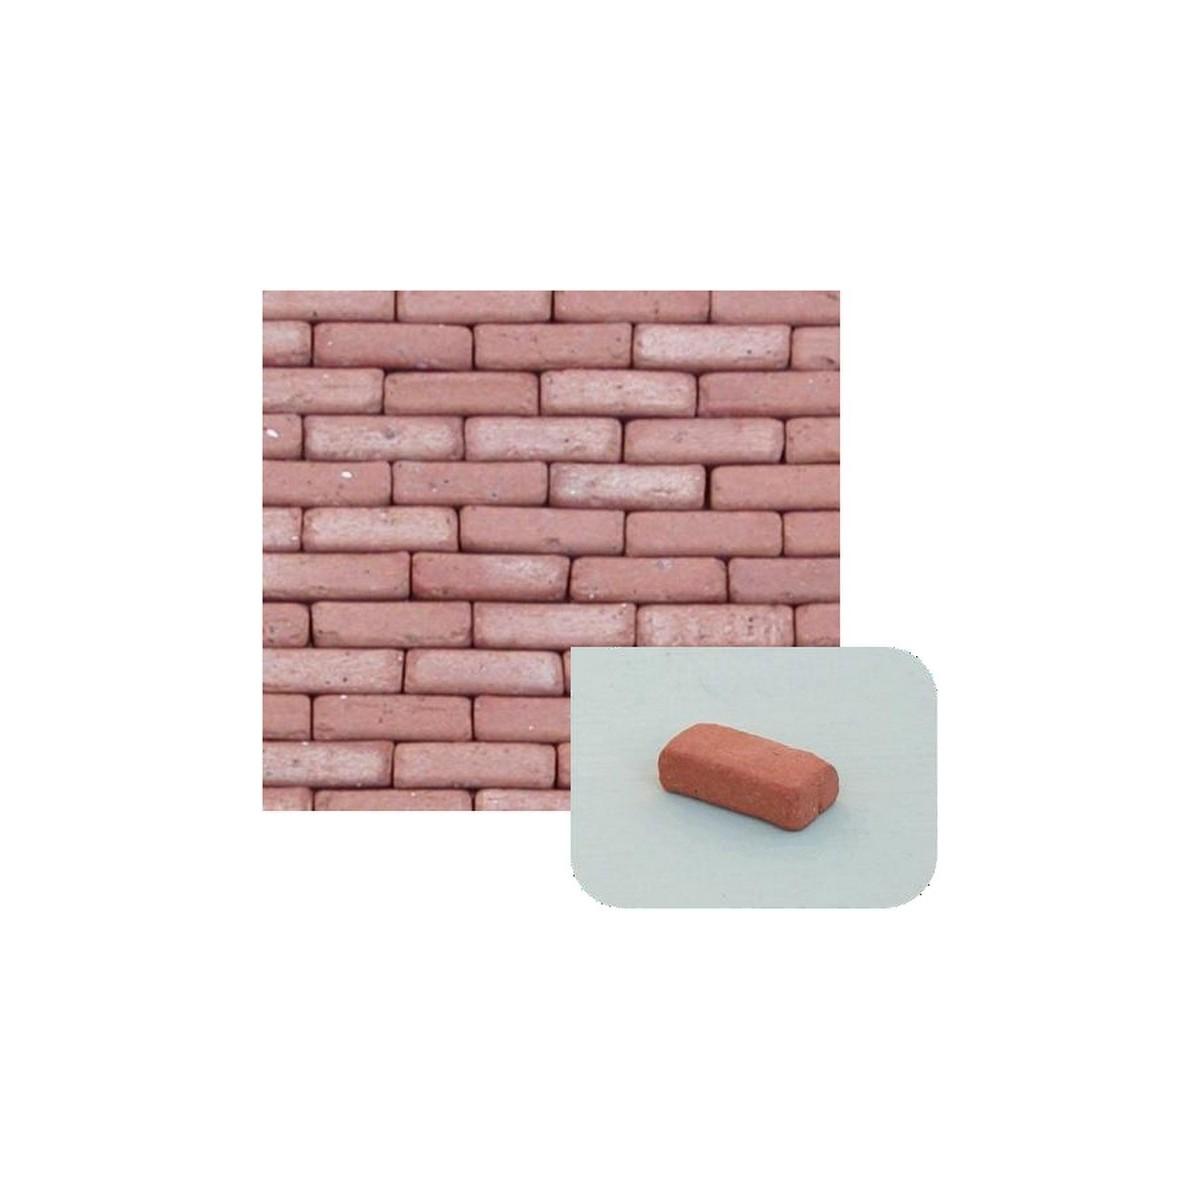 Mattoncini in terracotta mm 7x14x4 disponibile in